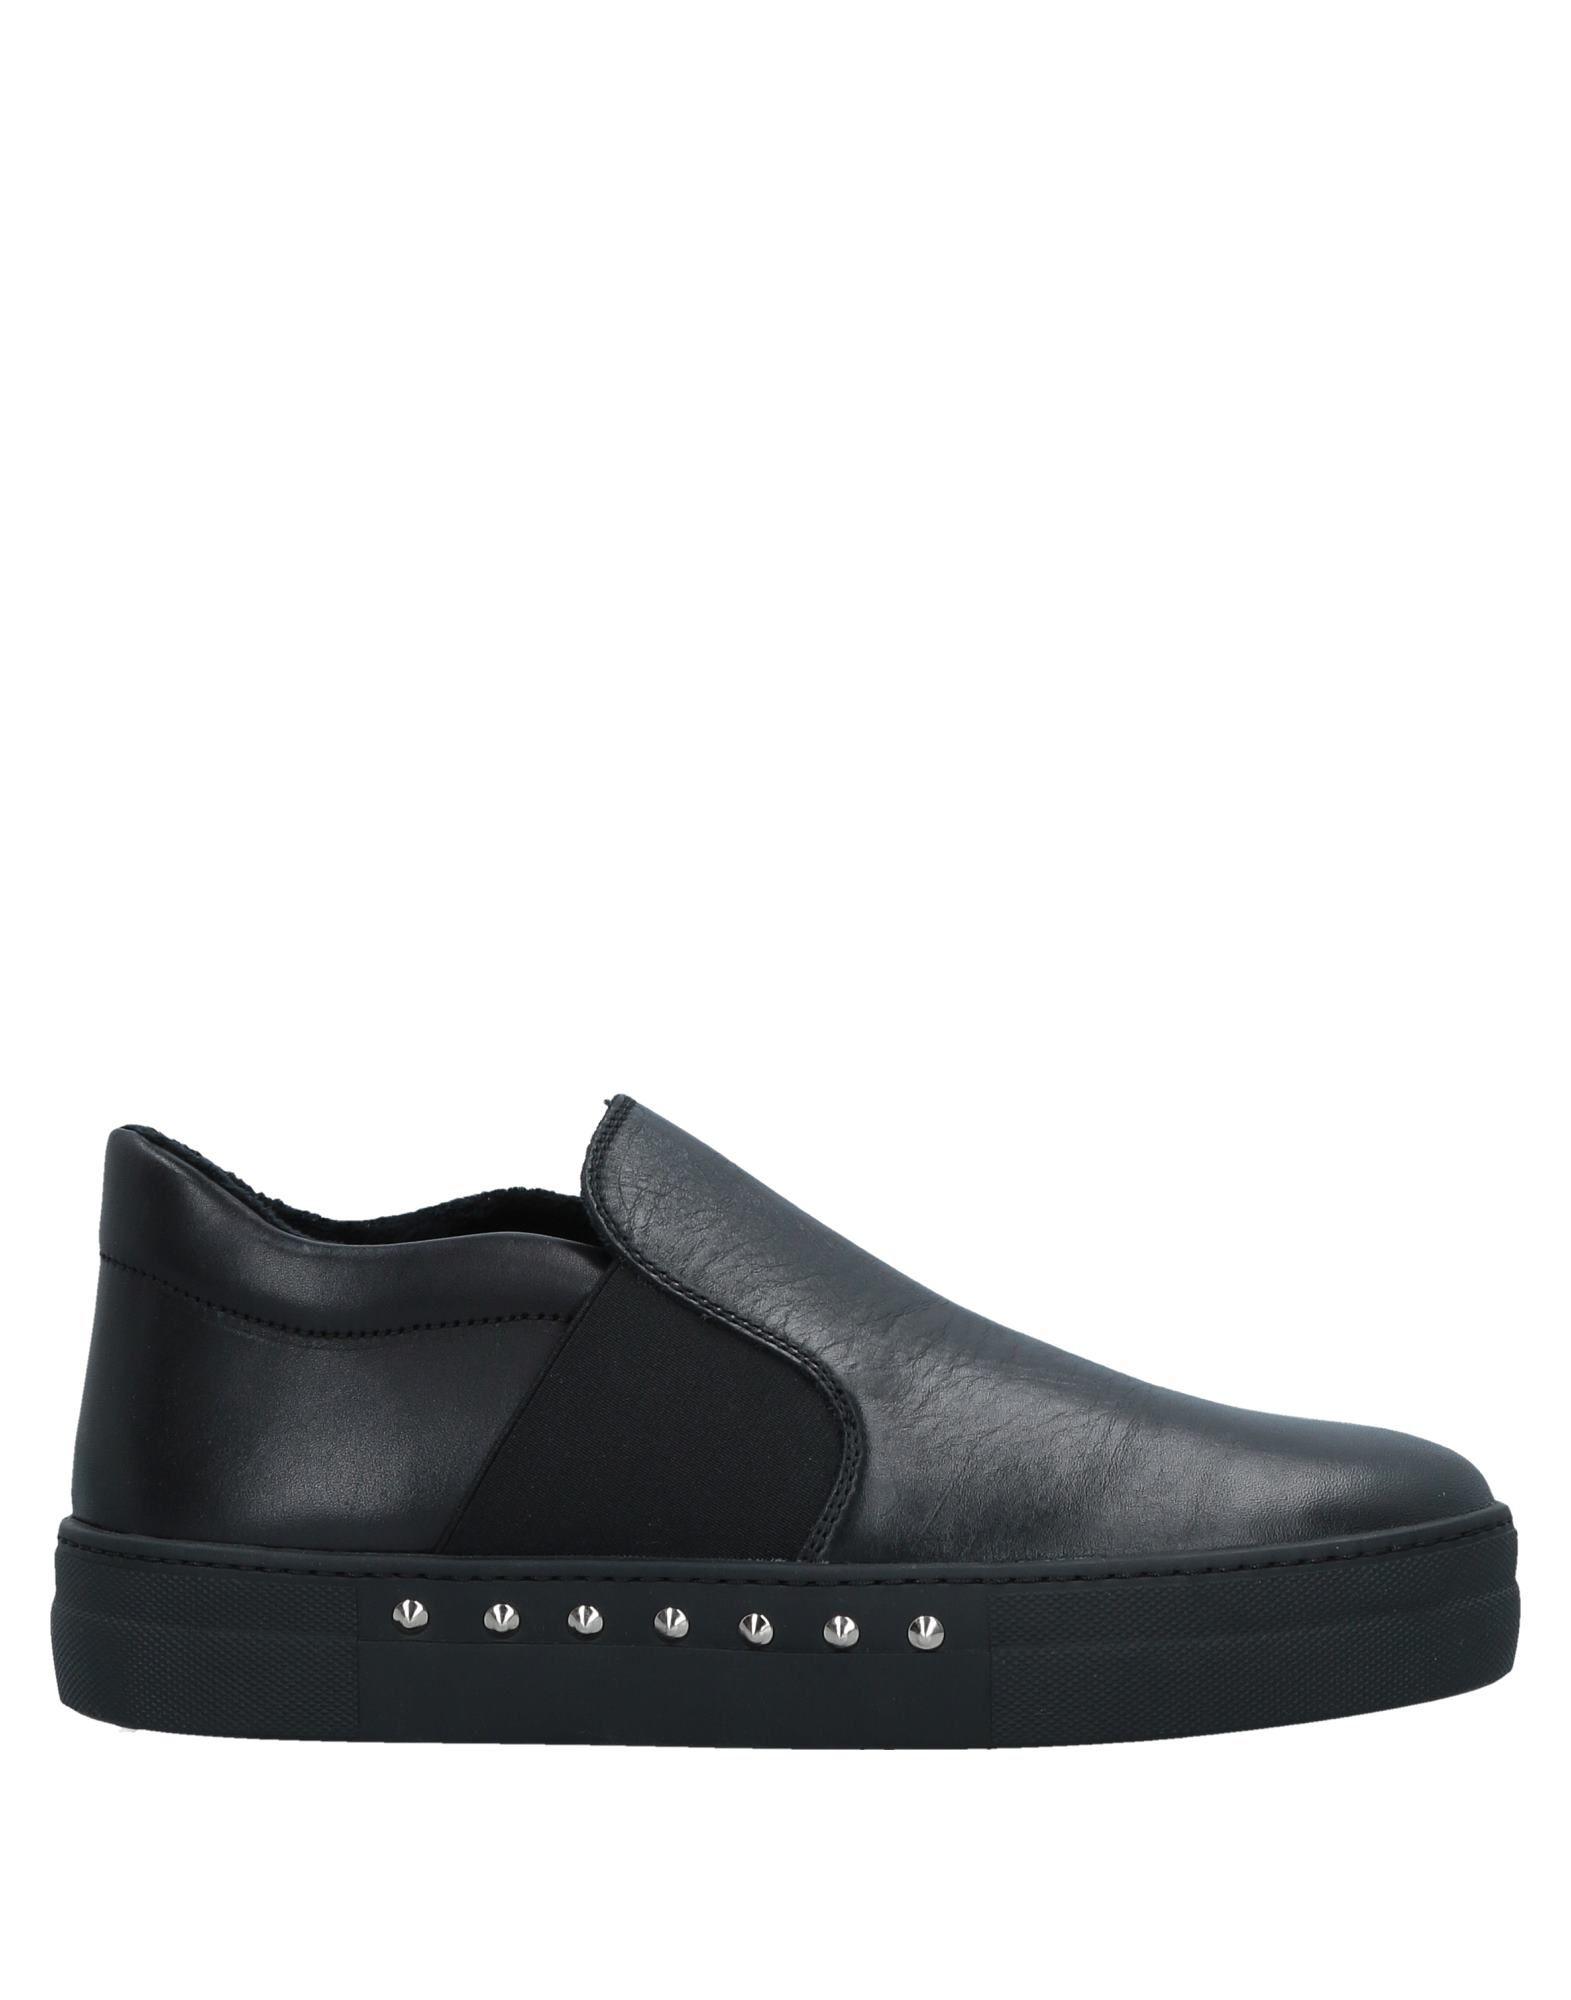 Sneakers Frau Donna - 11525624FD elegante